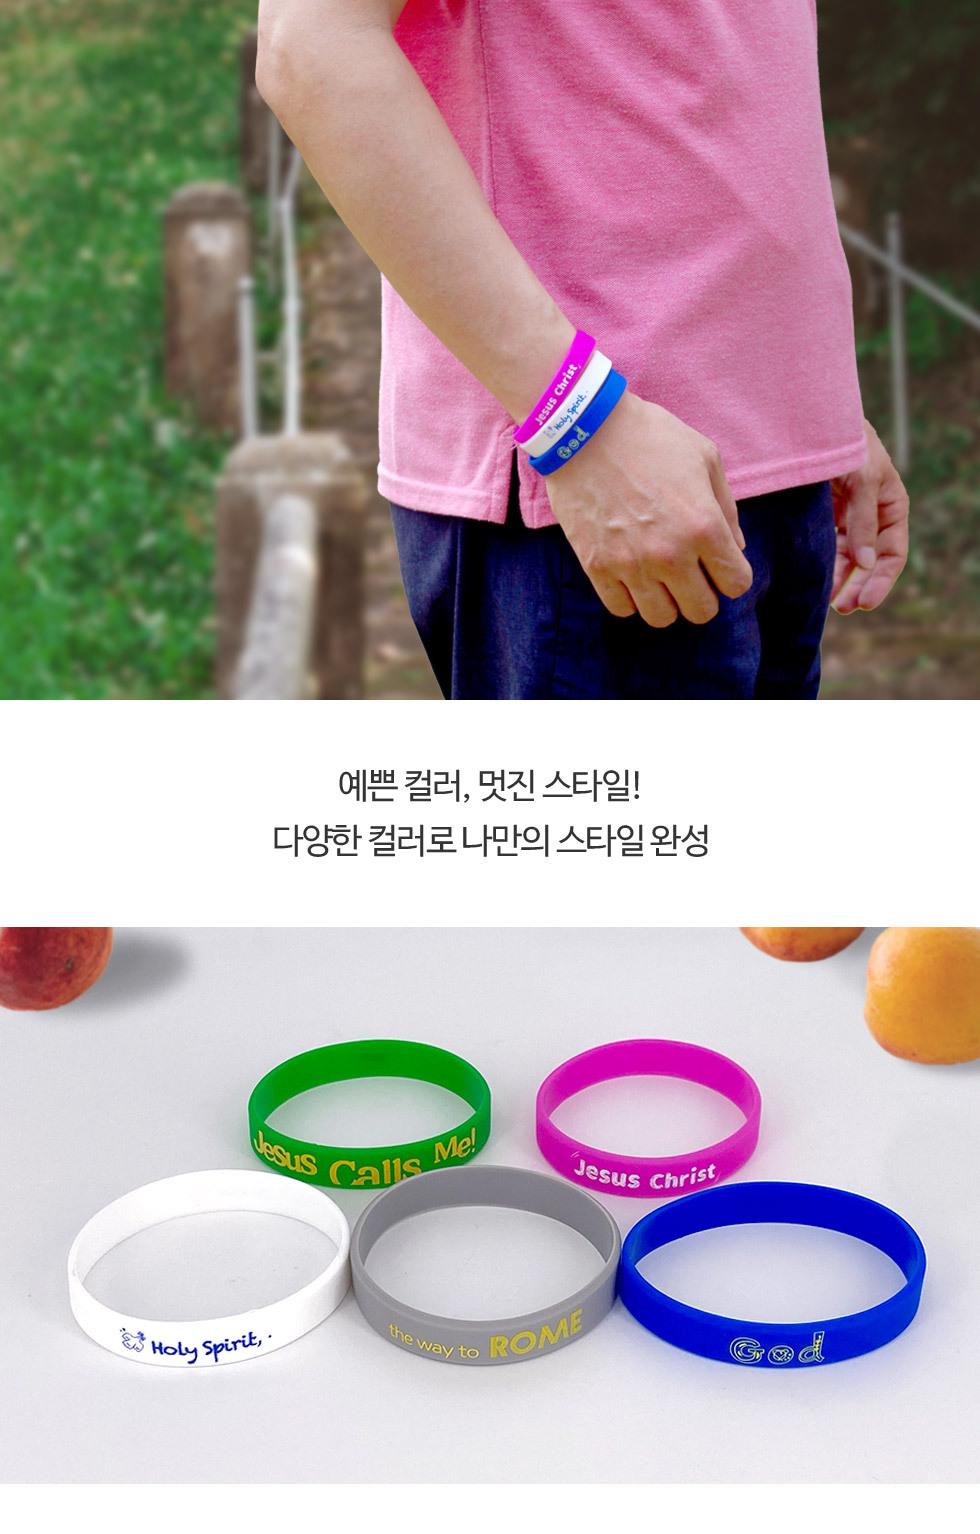 블레싱 실리콘 팔찌 3탄 - 예쁜 컬러, 멋진 스타일